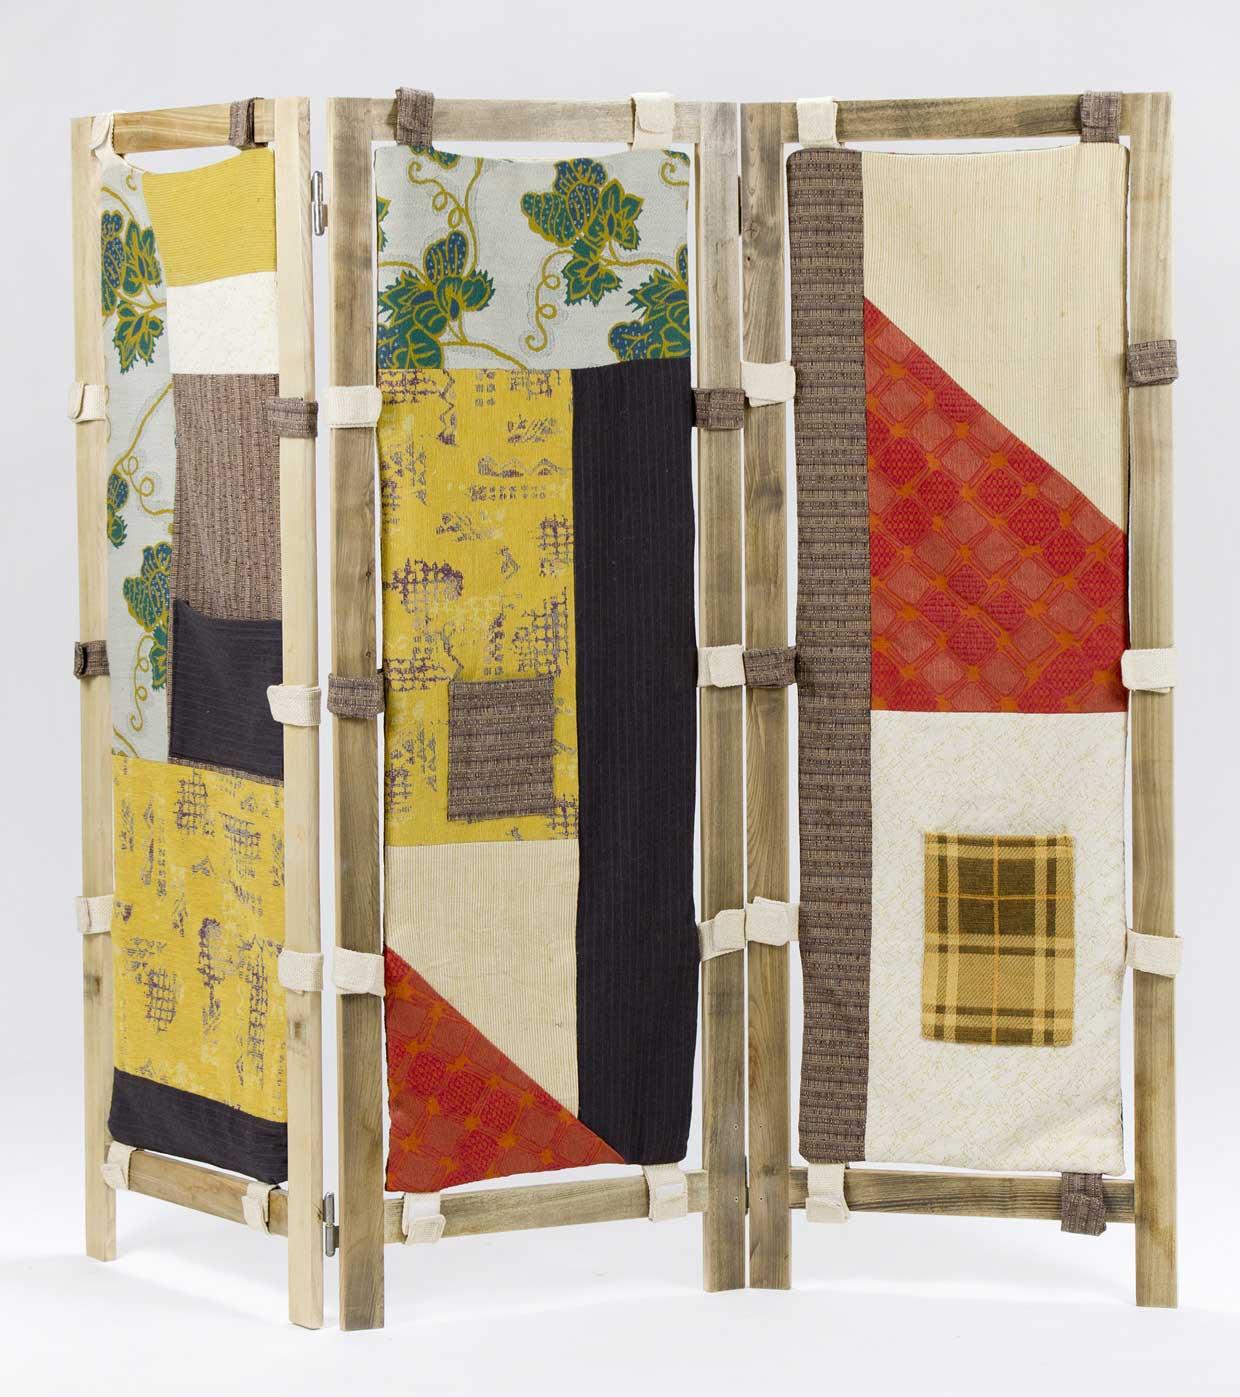 Separè artigianale con patchwork di stoffe vintage e legno antico